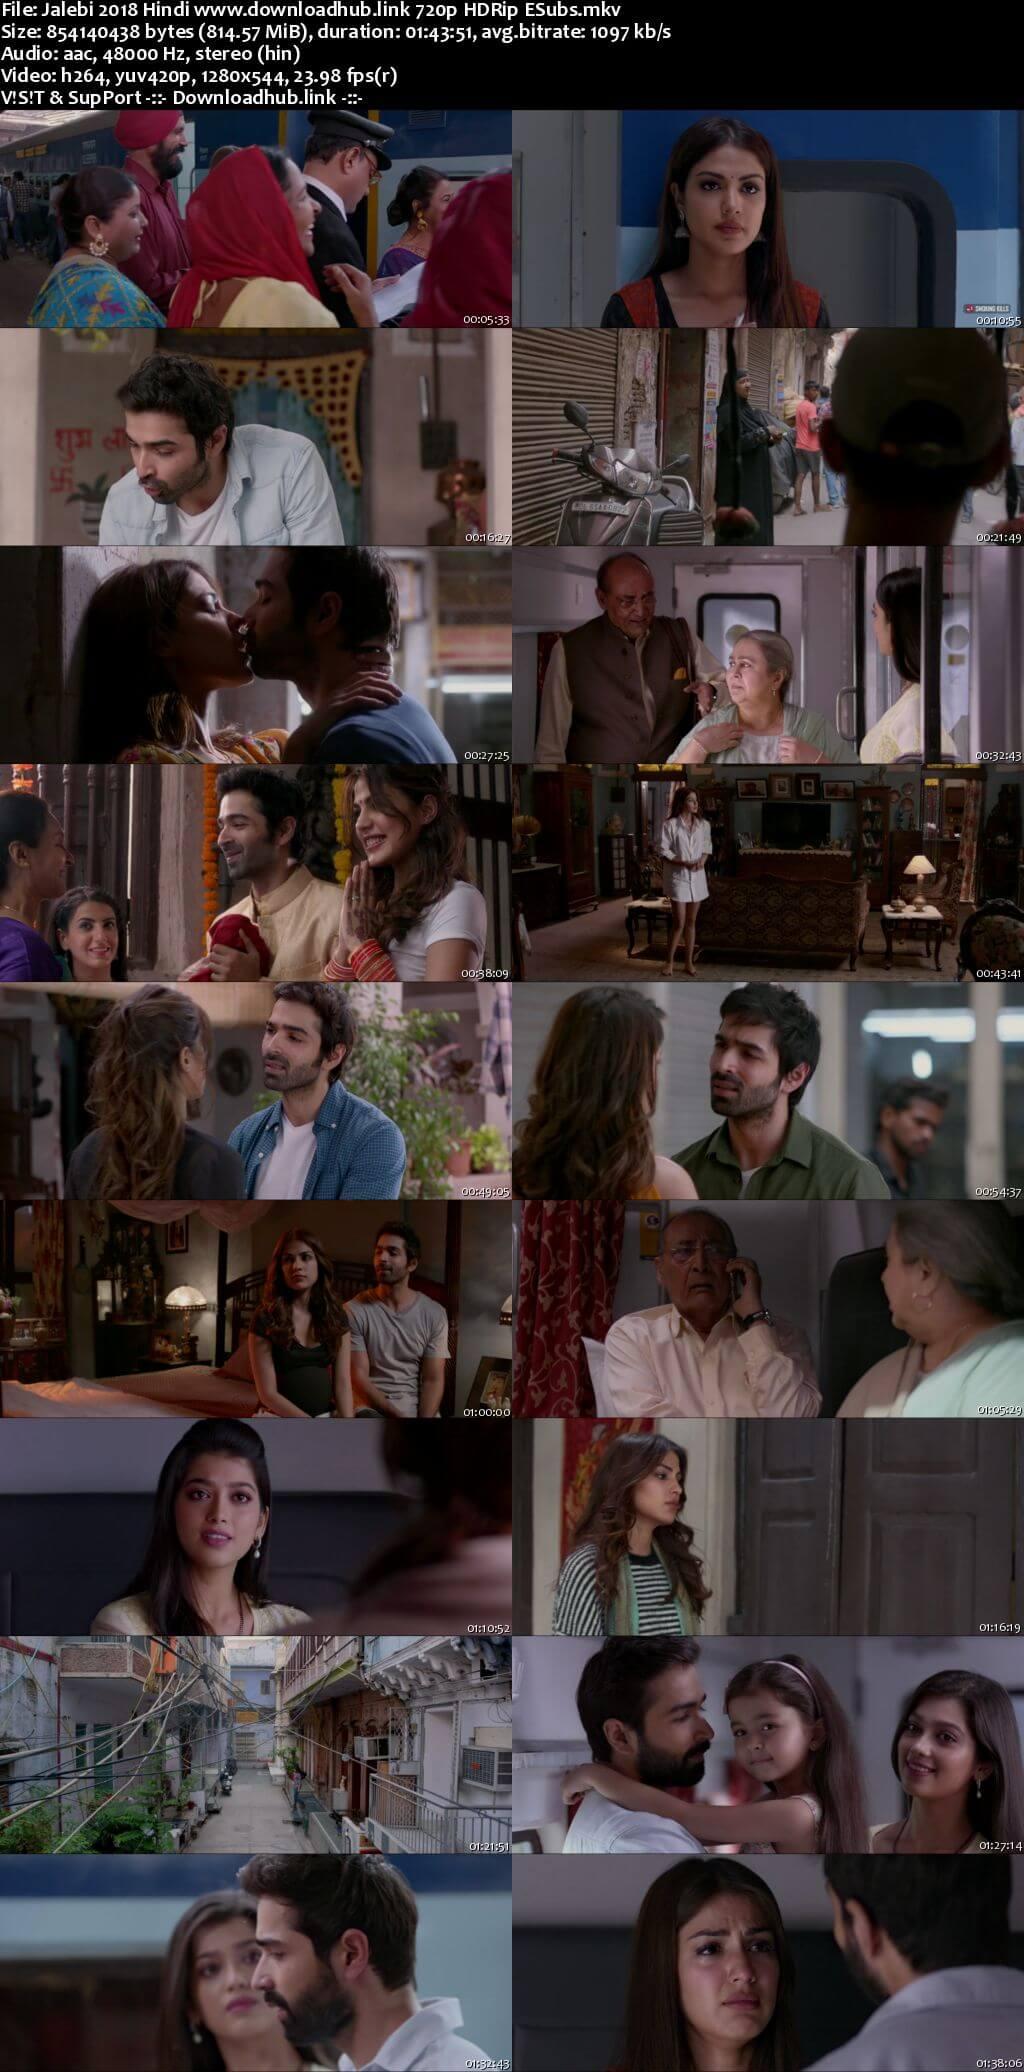 Jalebi 2018 Hindi 720p HDRip ESubs